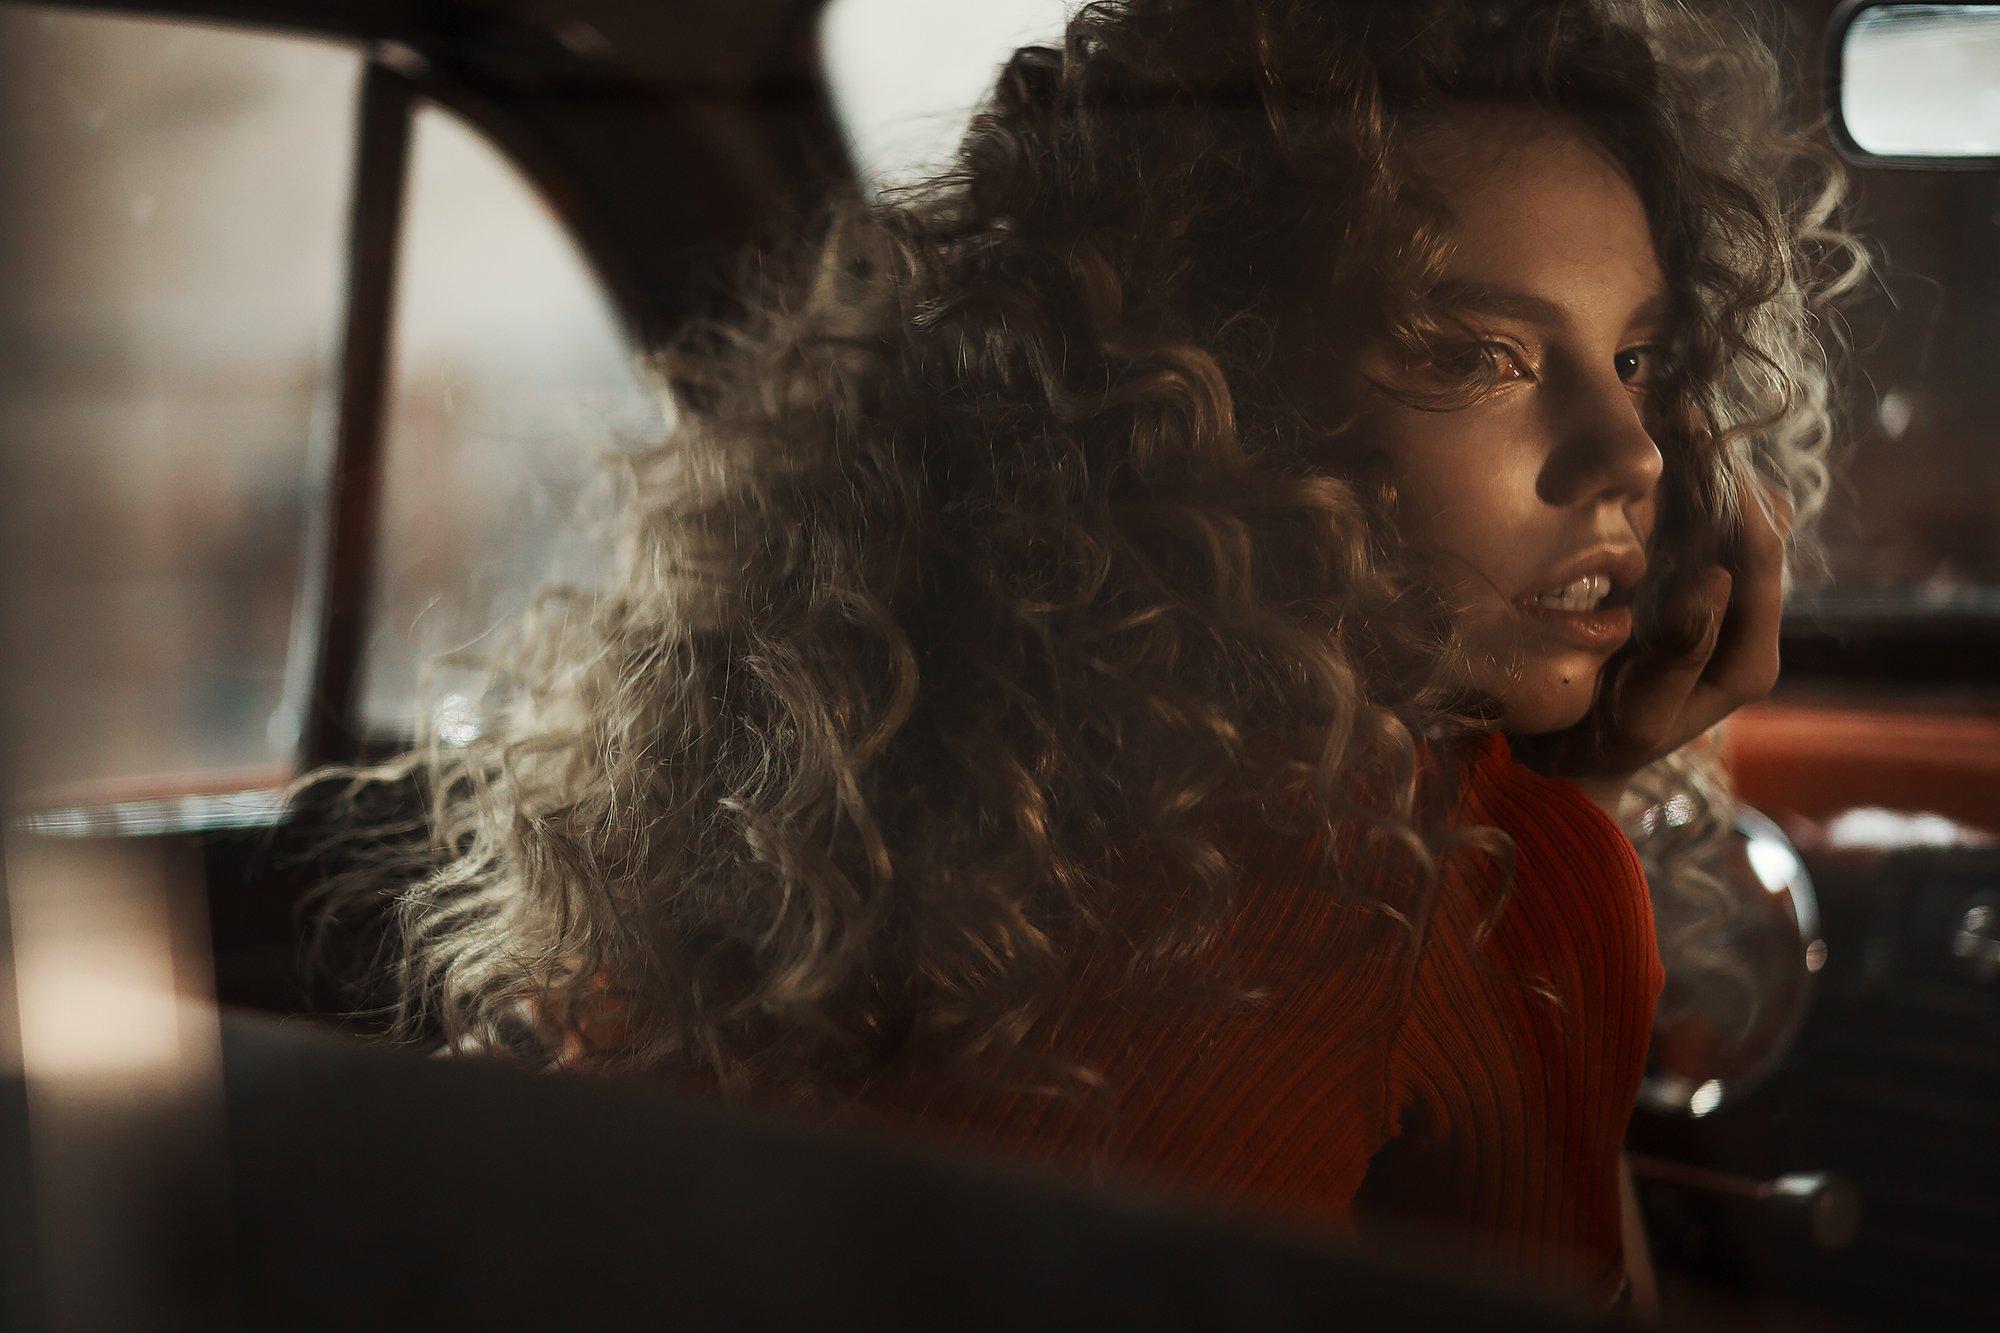 car, red car, model, portrait, fashion, light, curly, модель, портрет, машина, свет, кудрявая девушка, Ася Молочкова